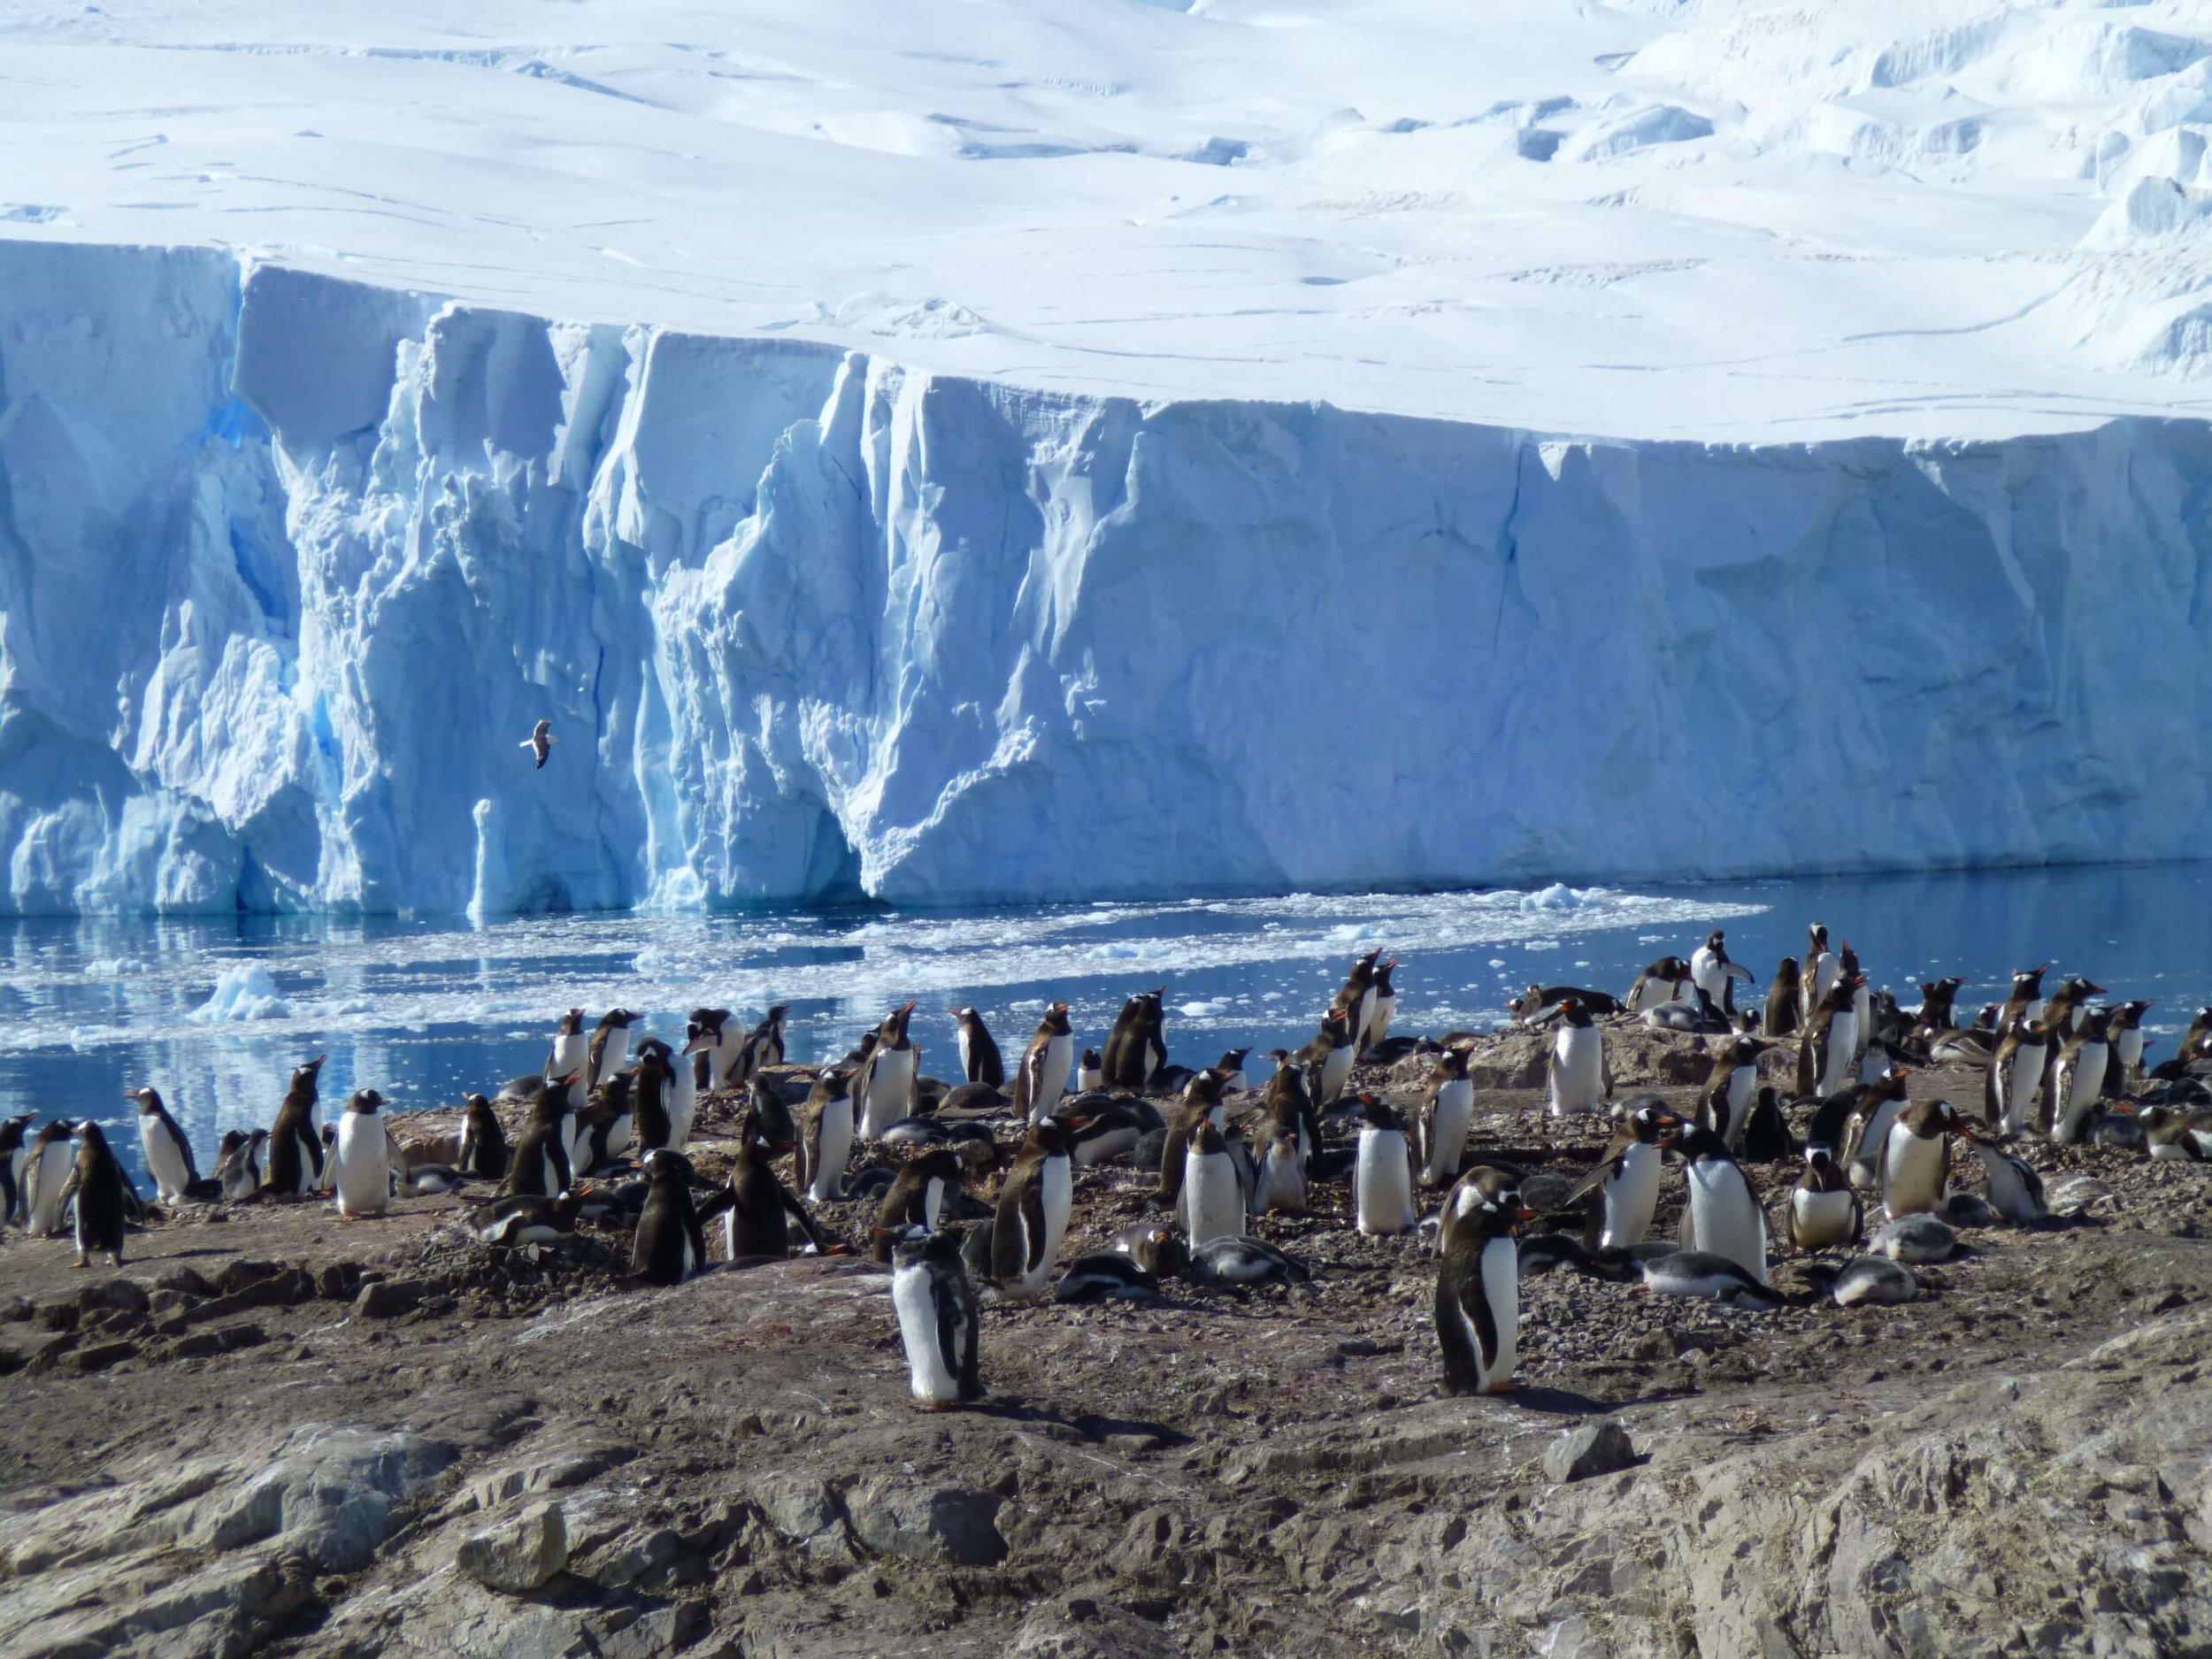 Antarctica_Luminix_20130201_121249_523.JPG